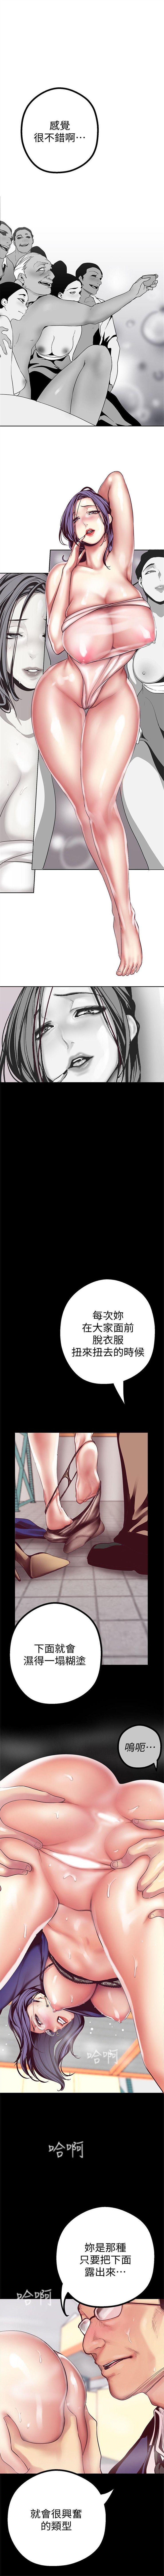 (週1)美麗新世界 1-76 中文翻譯 (更新中) 155